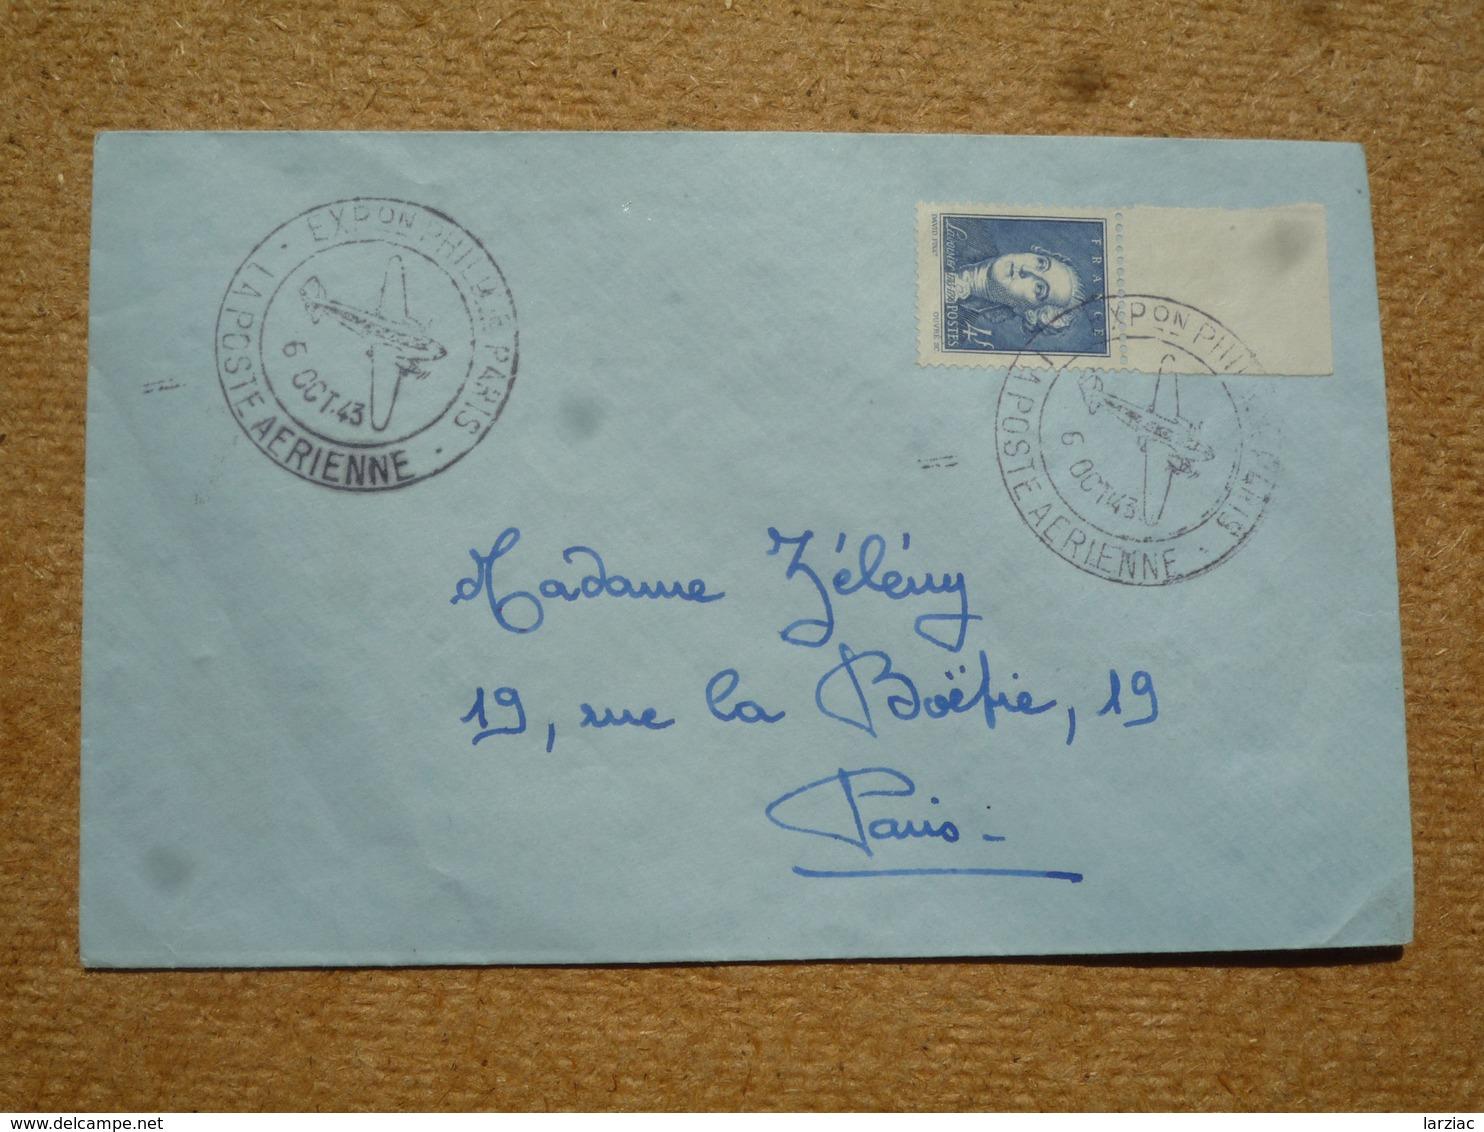 Timbre N° 581 Lavoisier Seul Sur Enveloppe Oblitération Exposition Philatélique Poste Aérienne Paris 1943 - Poststempel (Briefe)